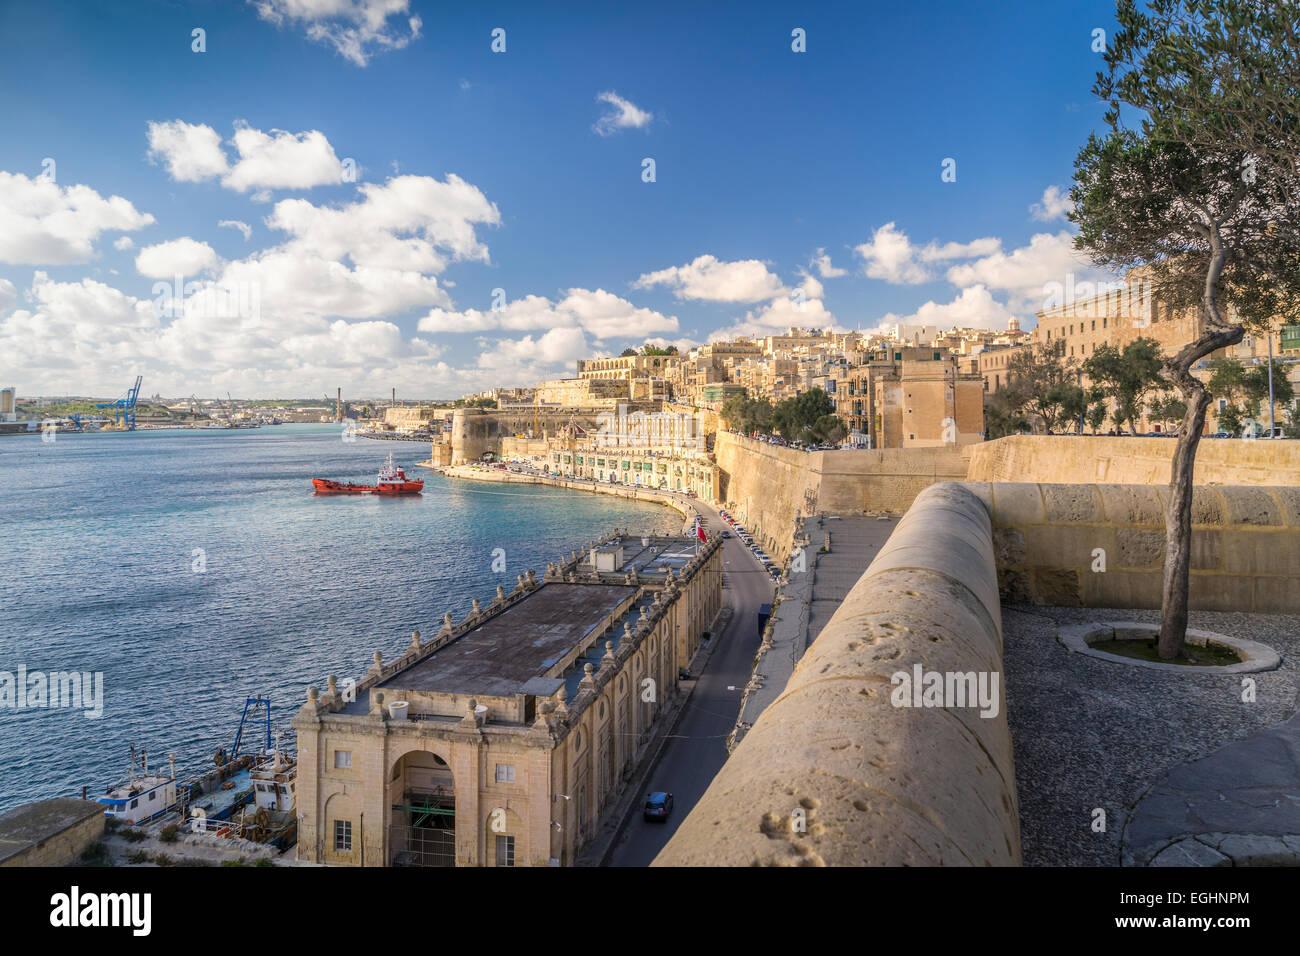 Looking across Valletta - Stock Image